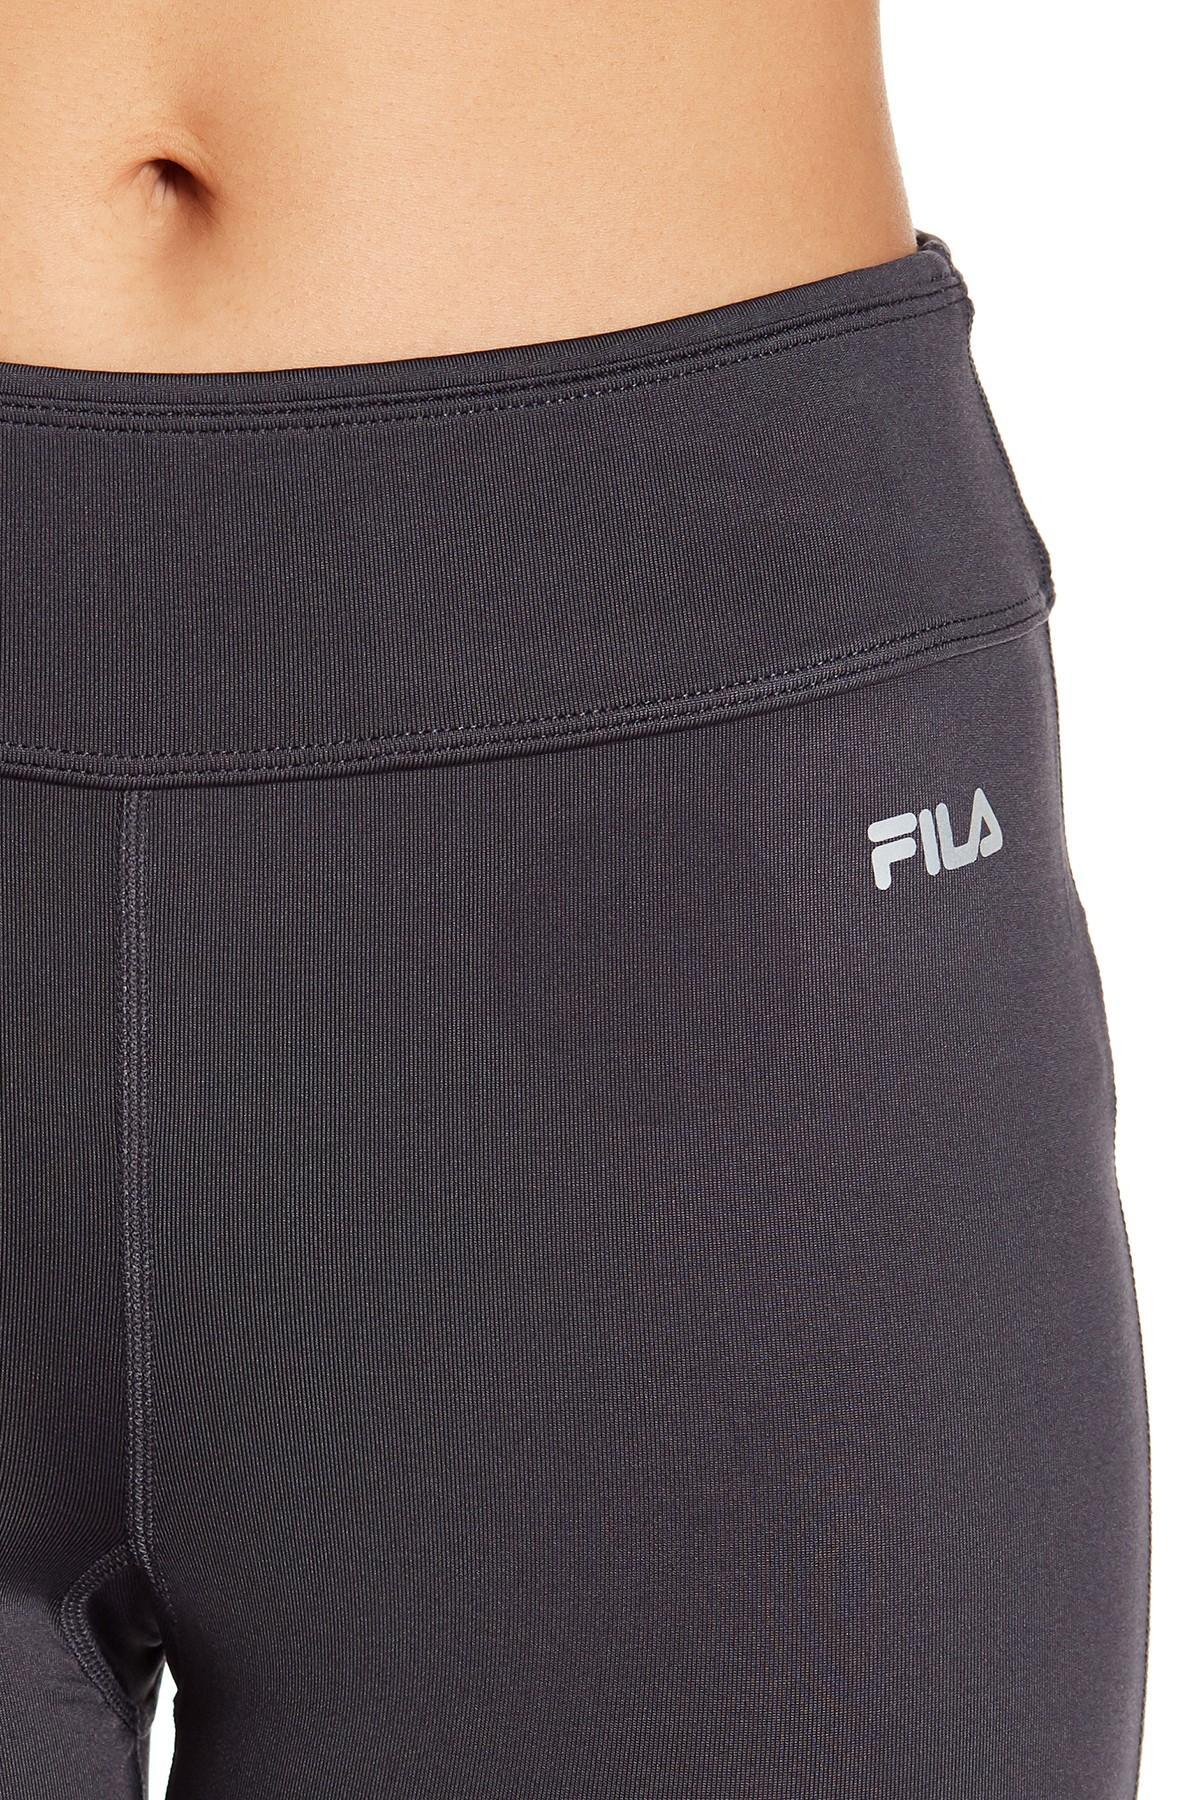 d4c7111a0f9 Lyst - Fila Solid Leggings